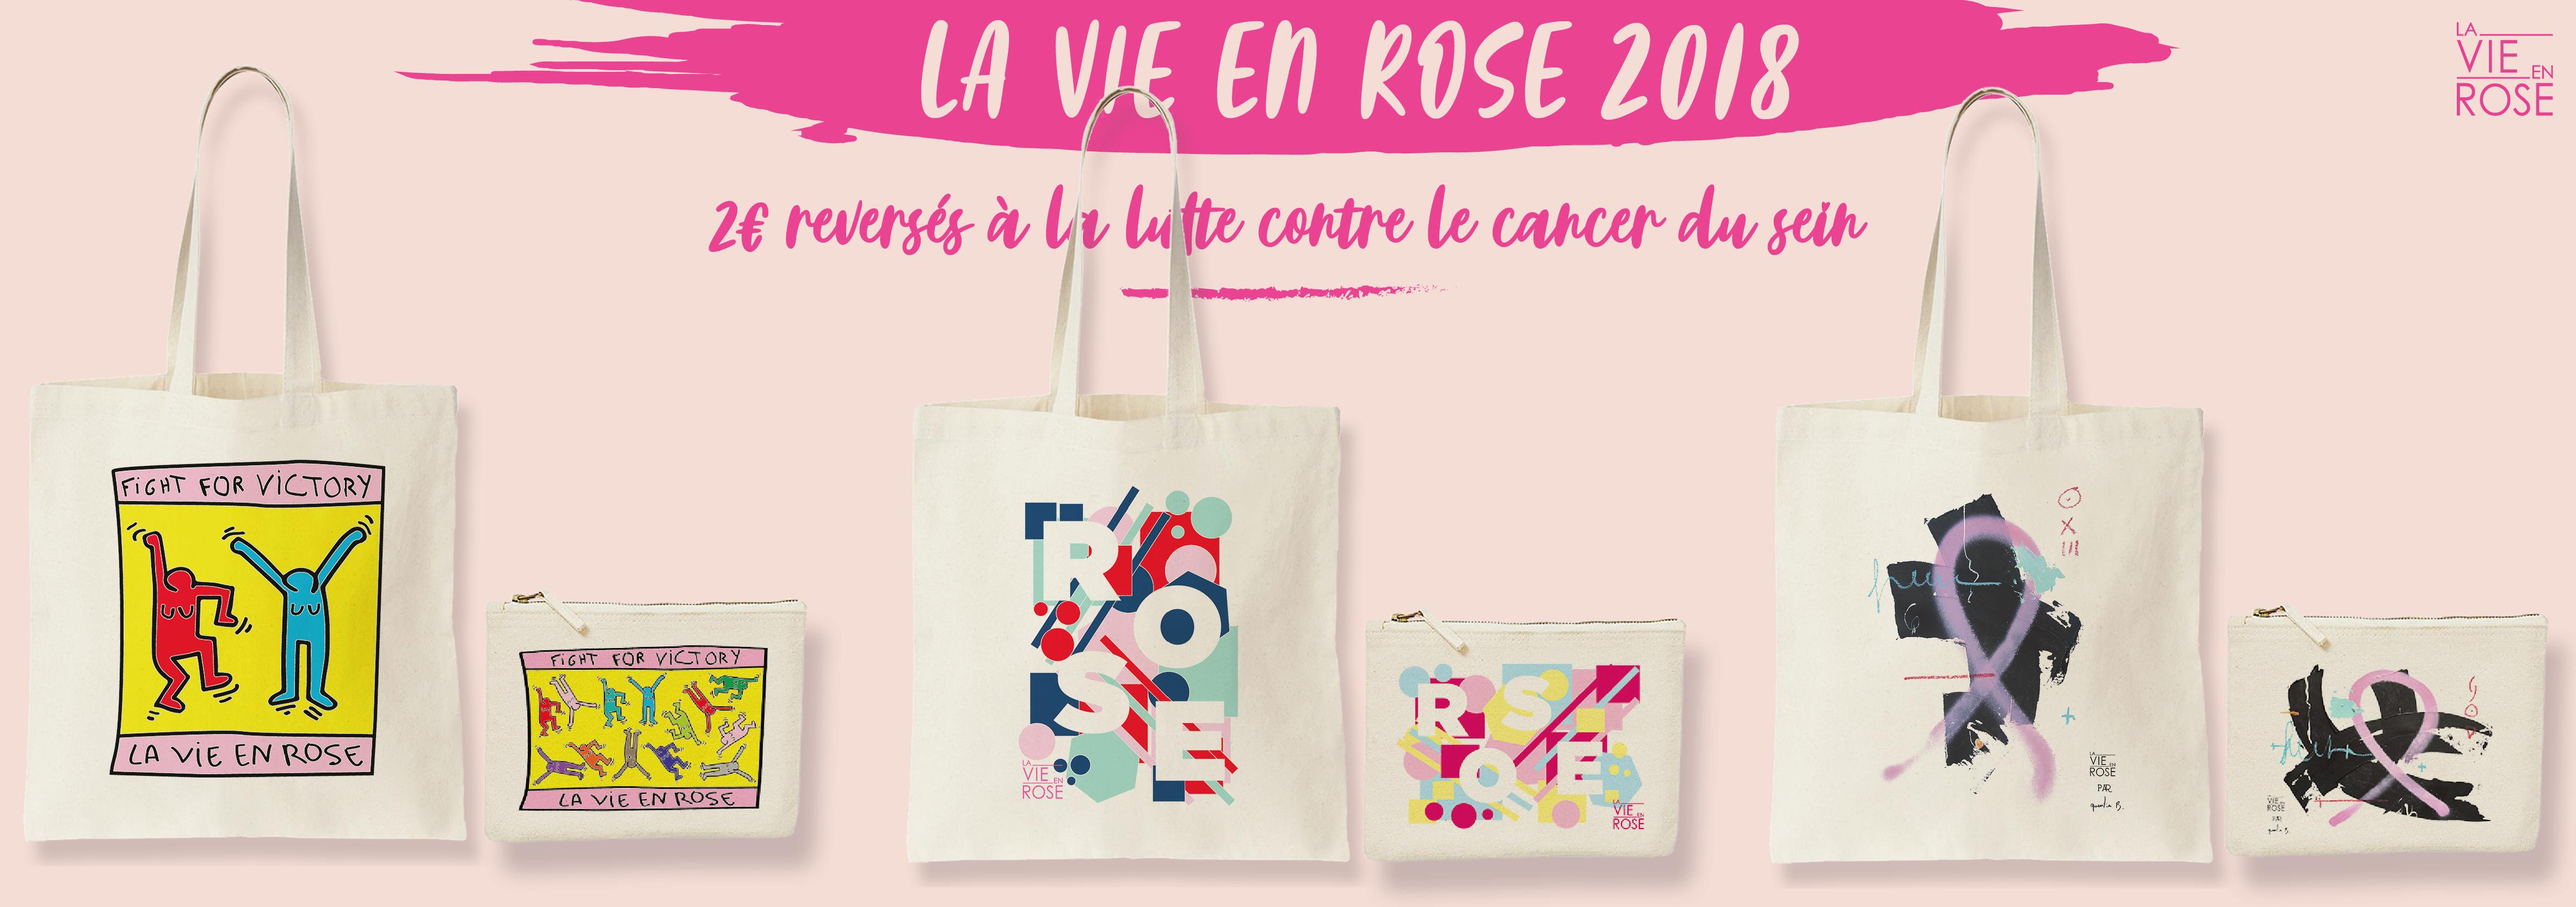 La vie en rose 2018 - Atelier du Quai